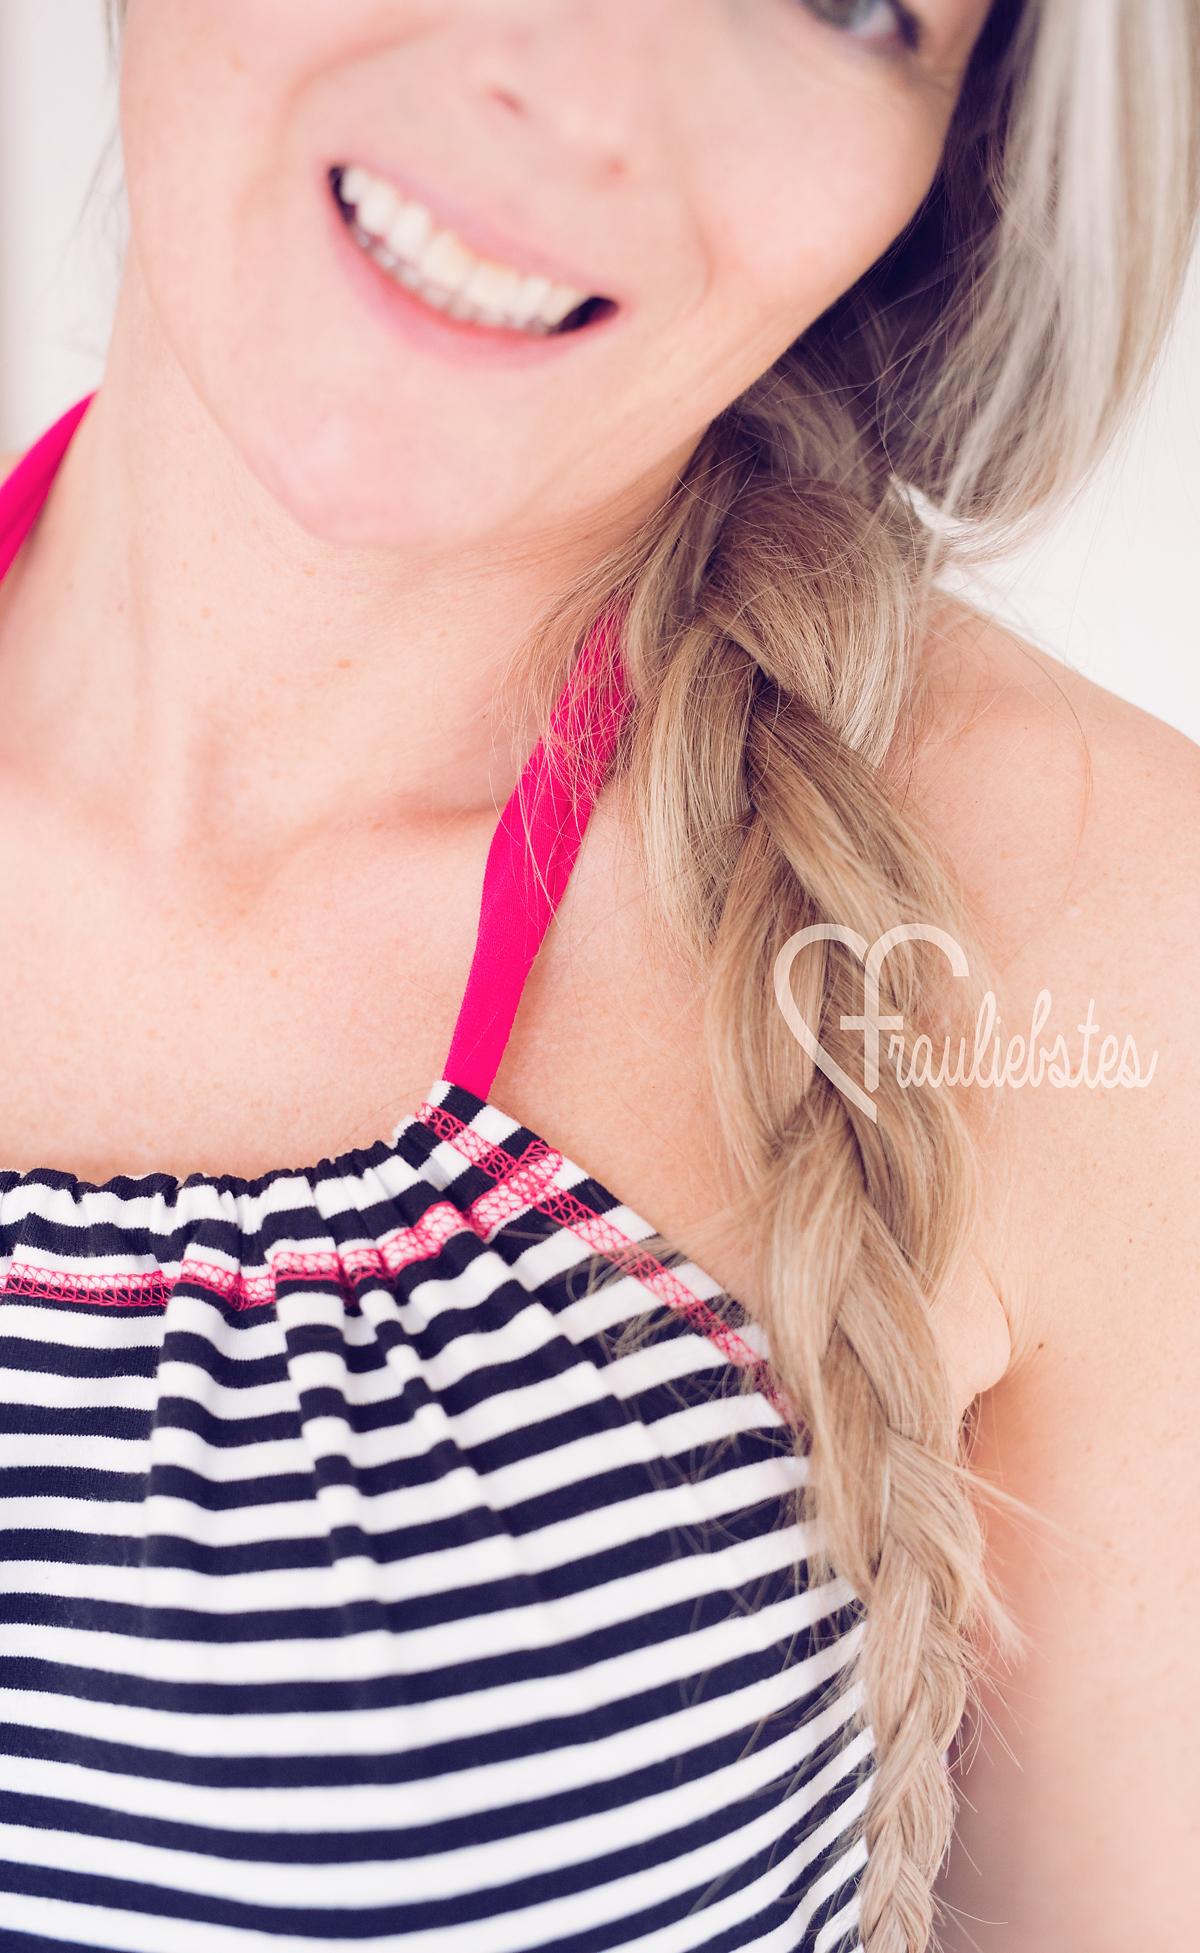 meine neue sommerliebe… | frau-liebstes | Bloglovin\'